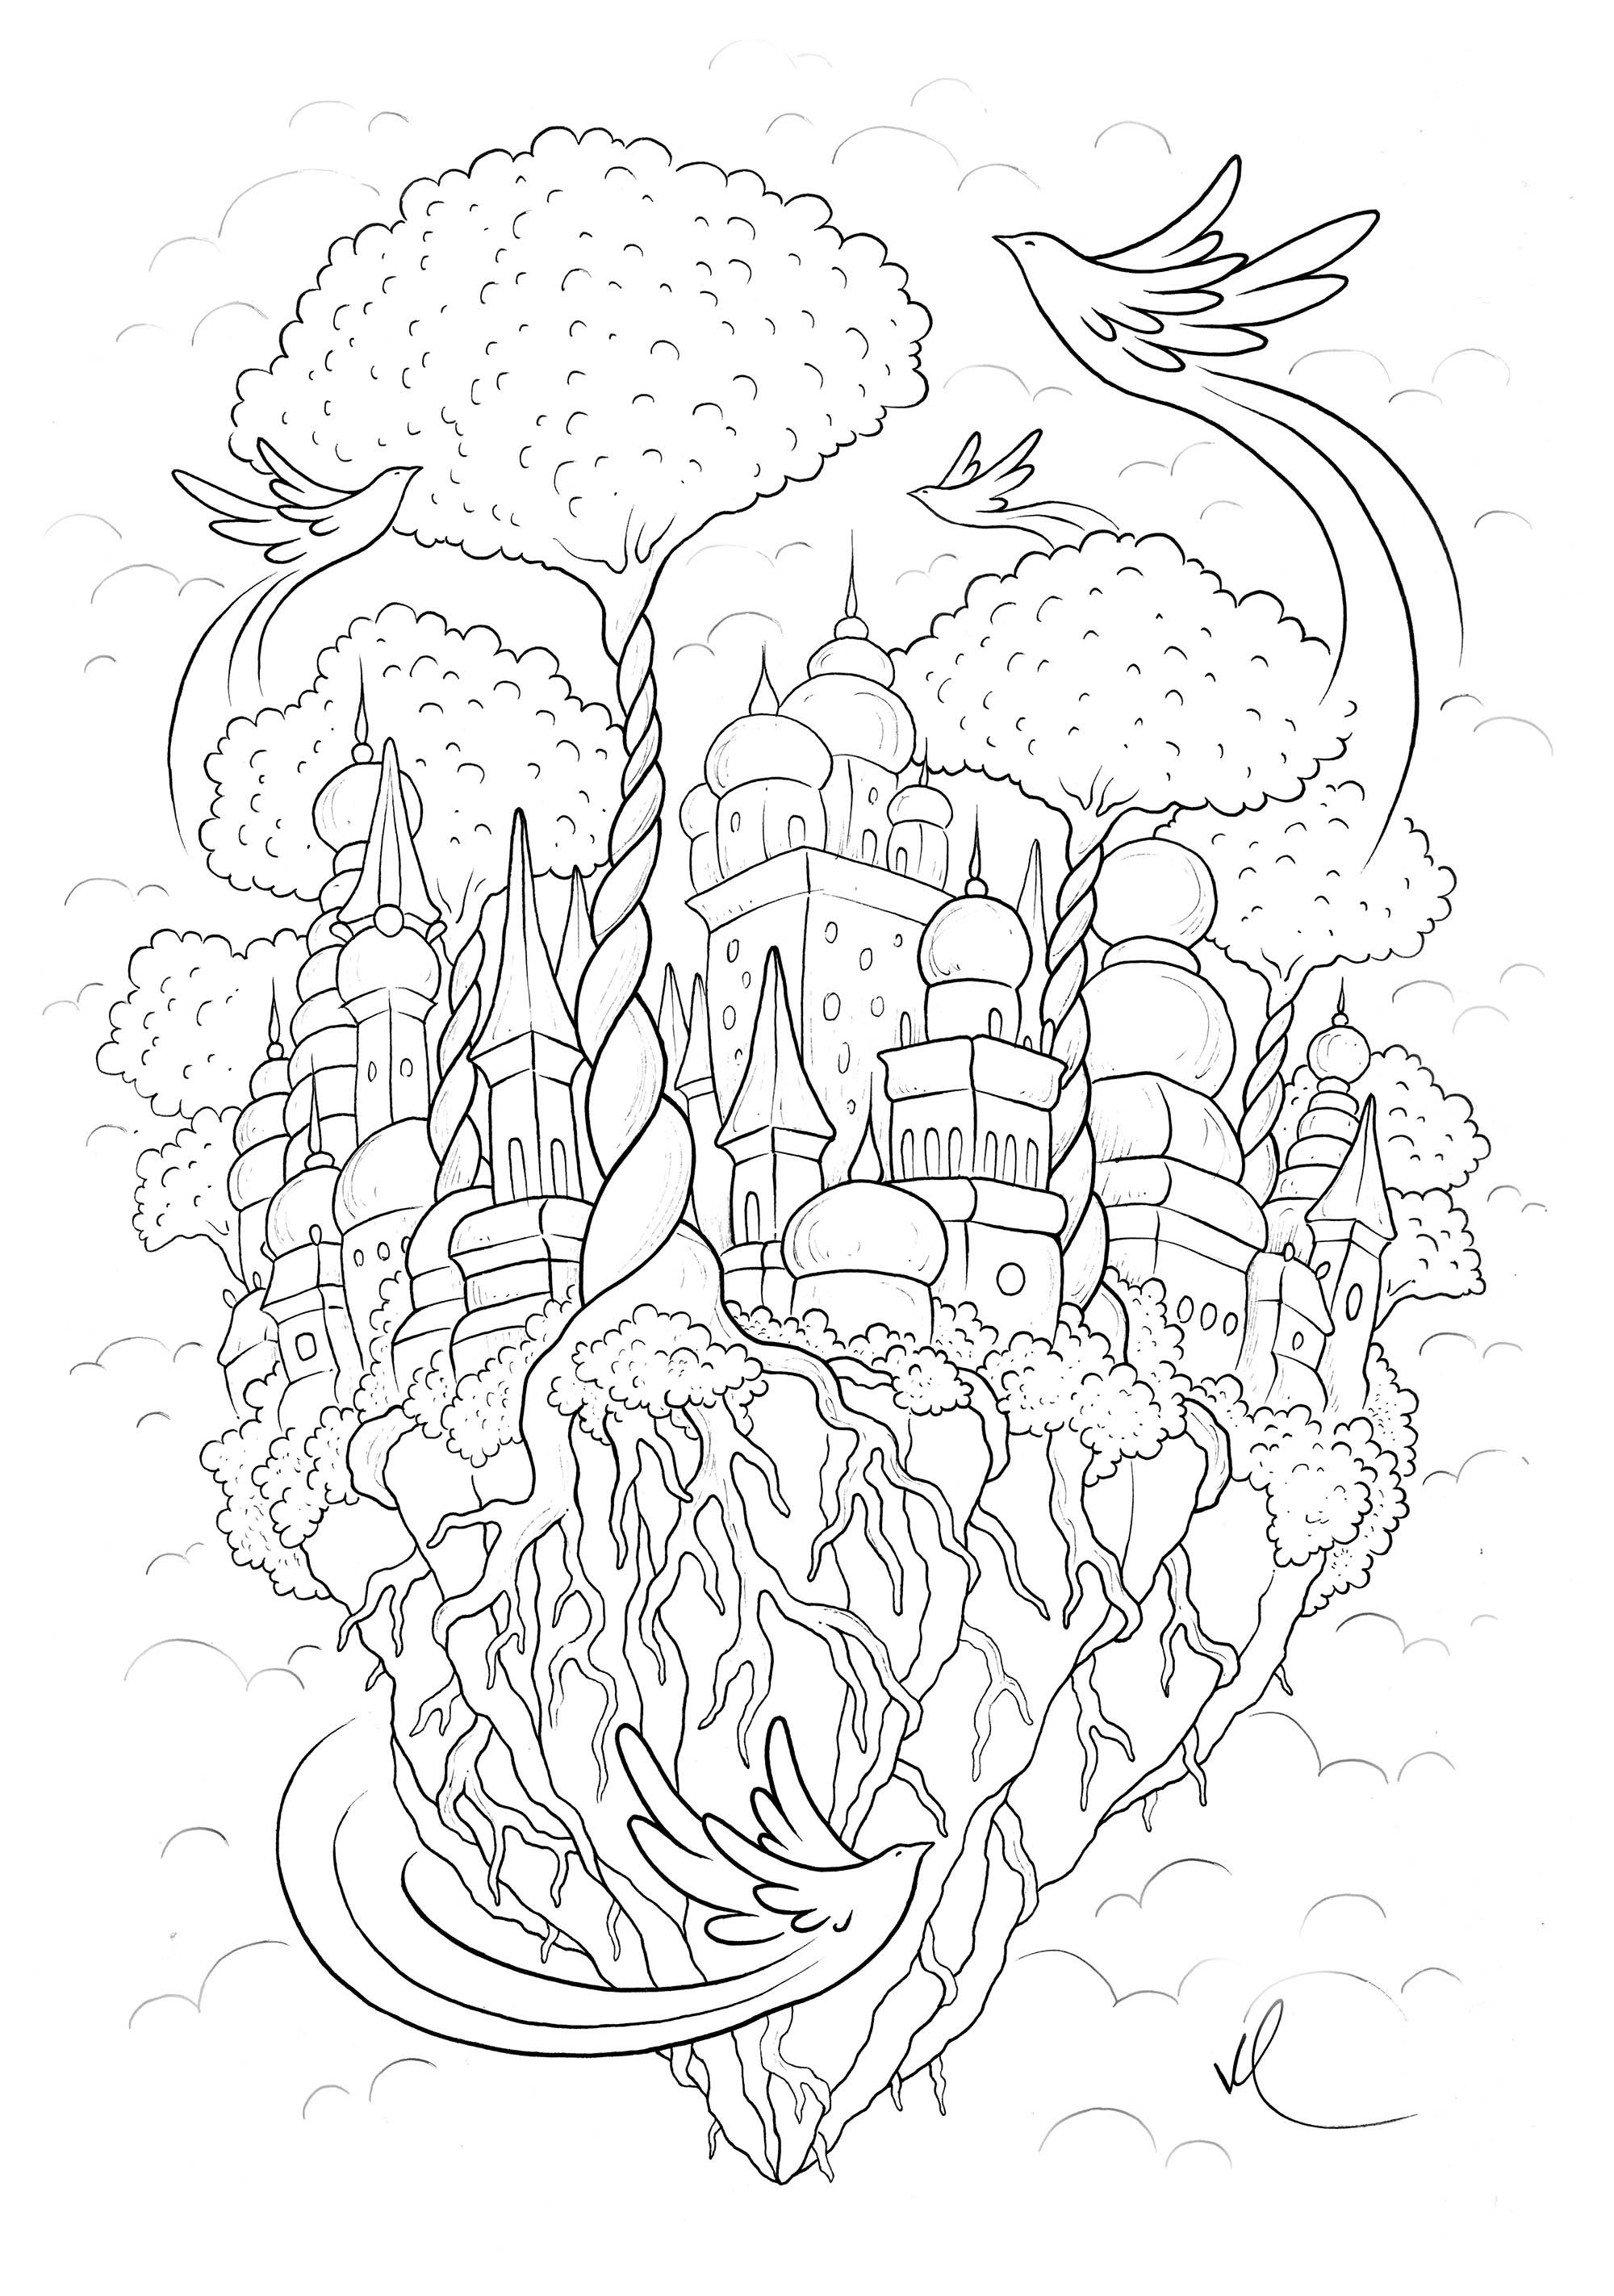 Cité flottant dans le ciel